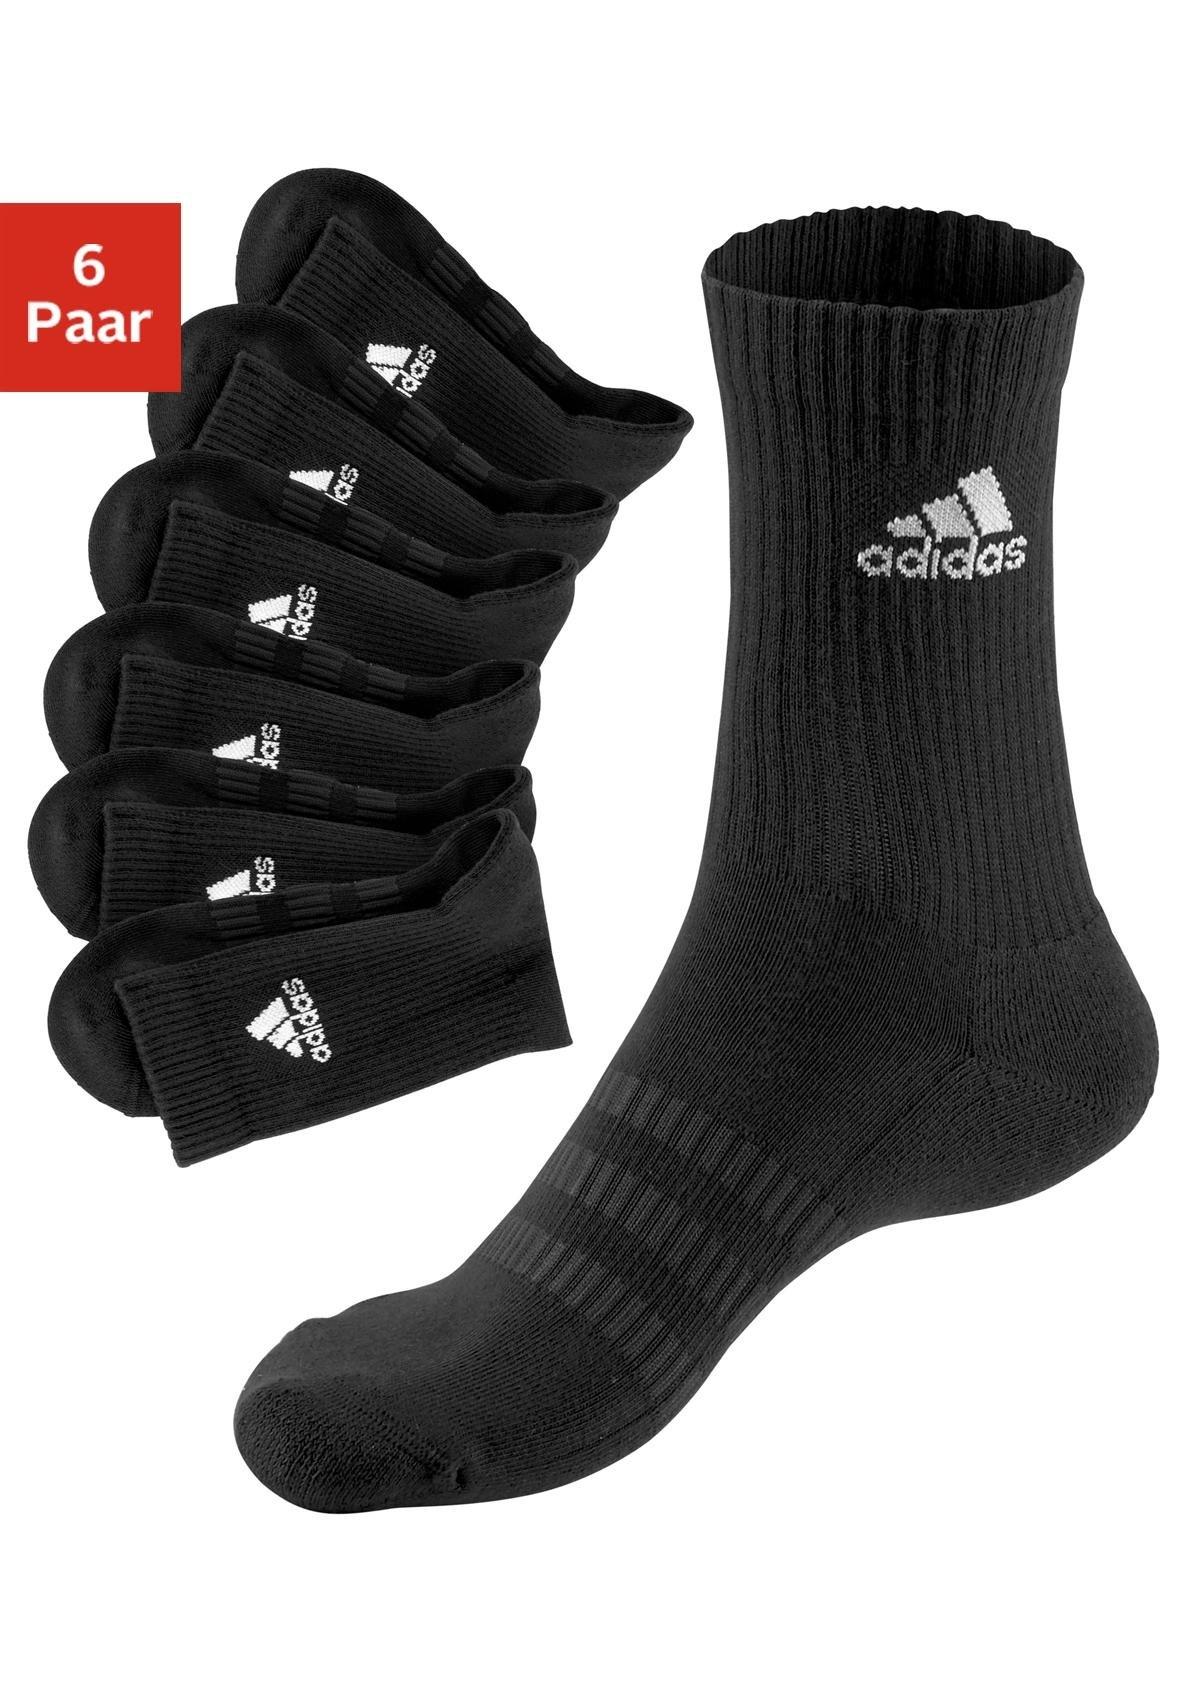 adidas Performance Sportsokken, set van 6 paar, adidas bij OTTO online kopen